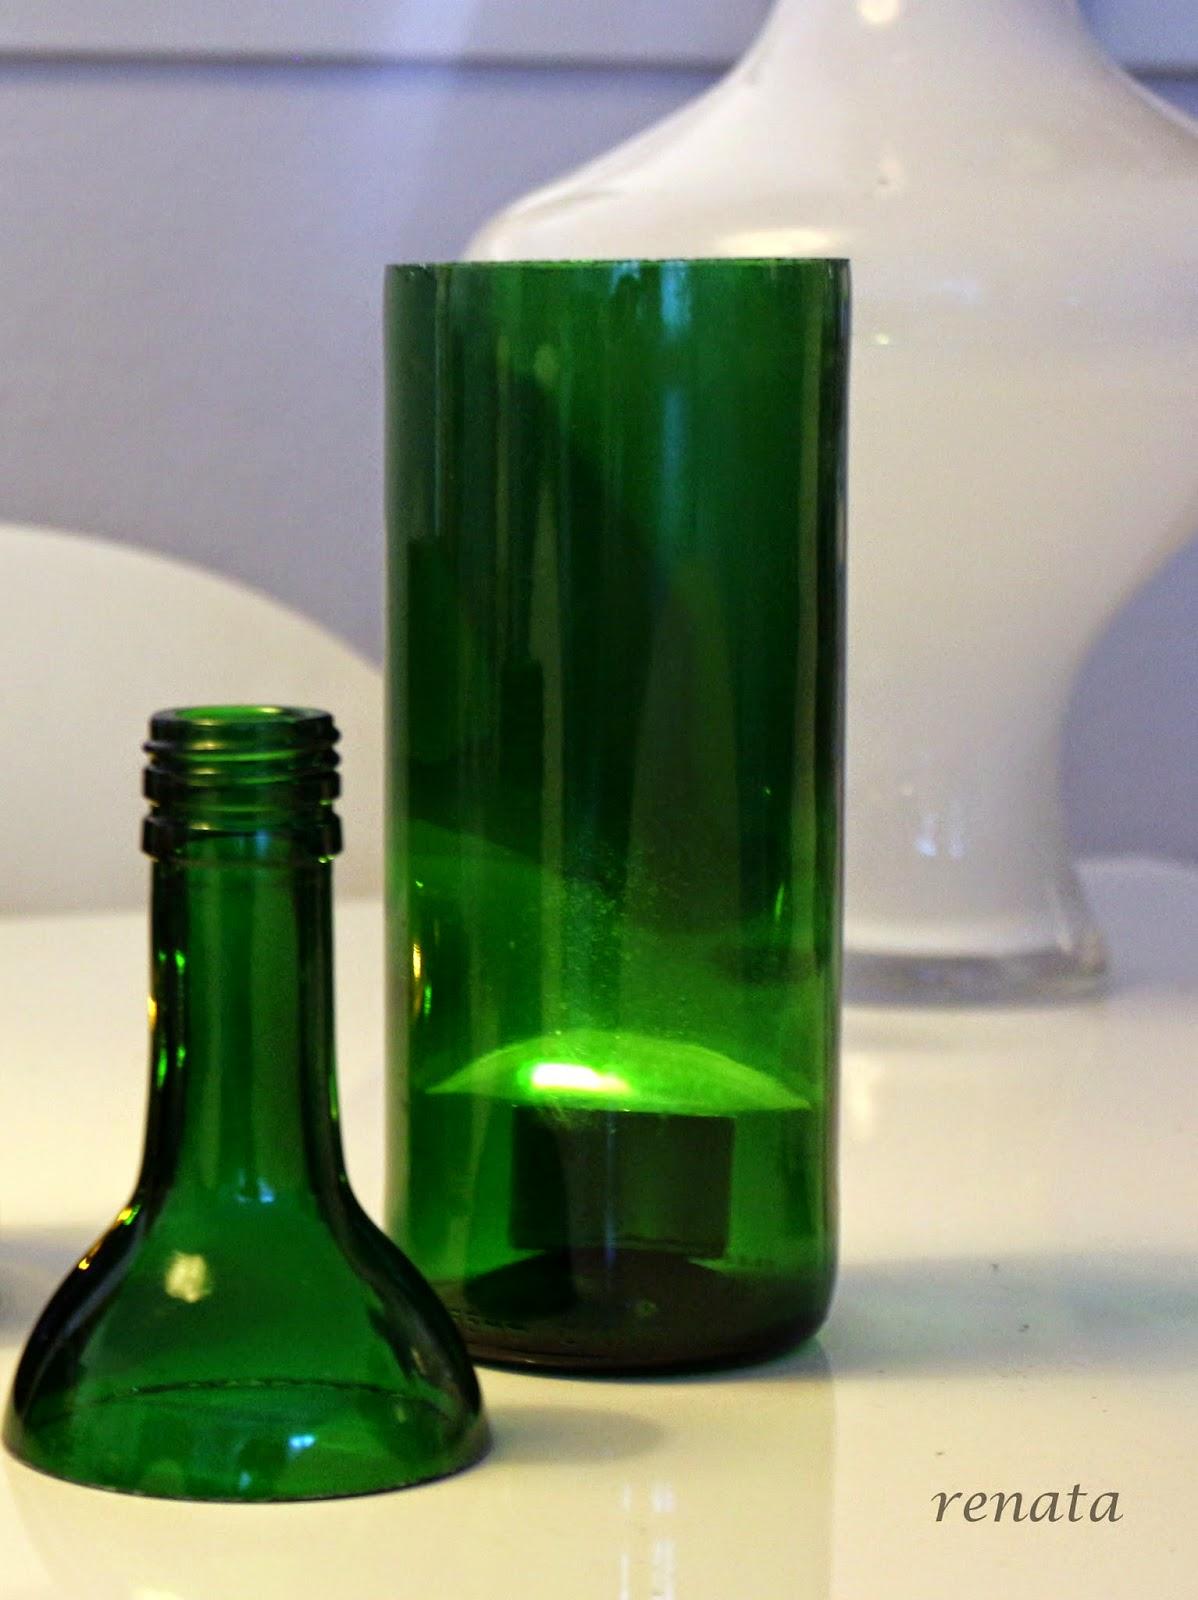 #44BF0C Mest effektive I Hverdagen Og Andre Dage: Sådan Bruger Du Tømme Vin/snaps Flasker Vi Gør  Gør Det Selv Lampe 5655 119816005655